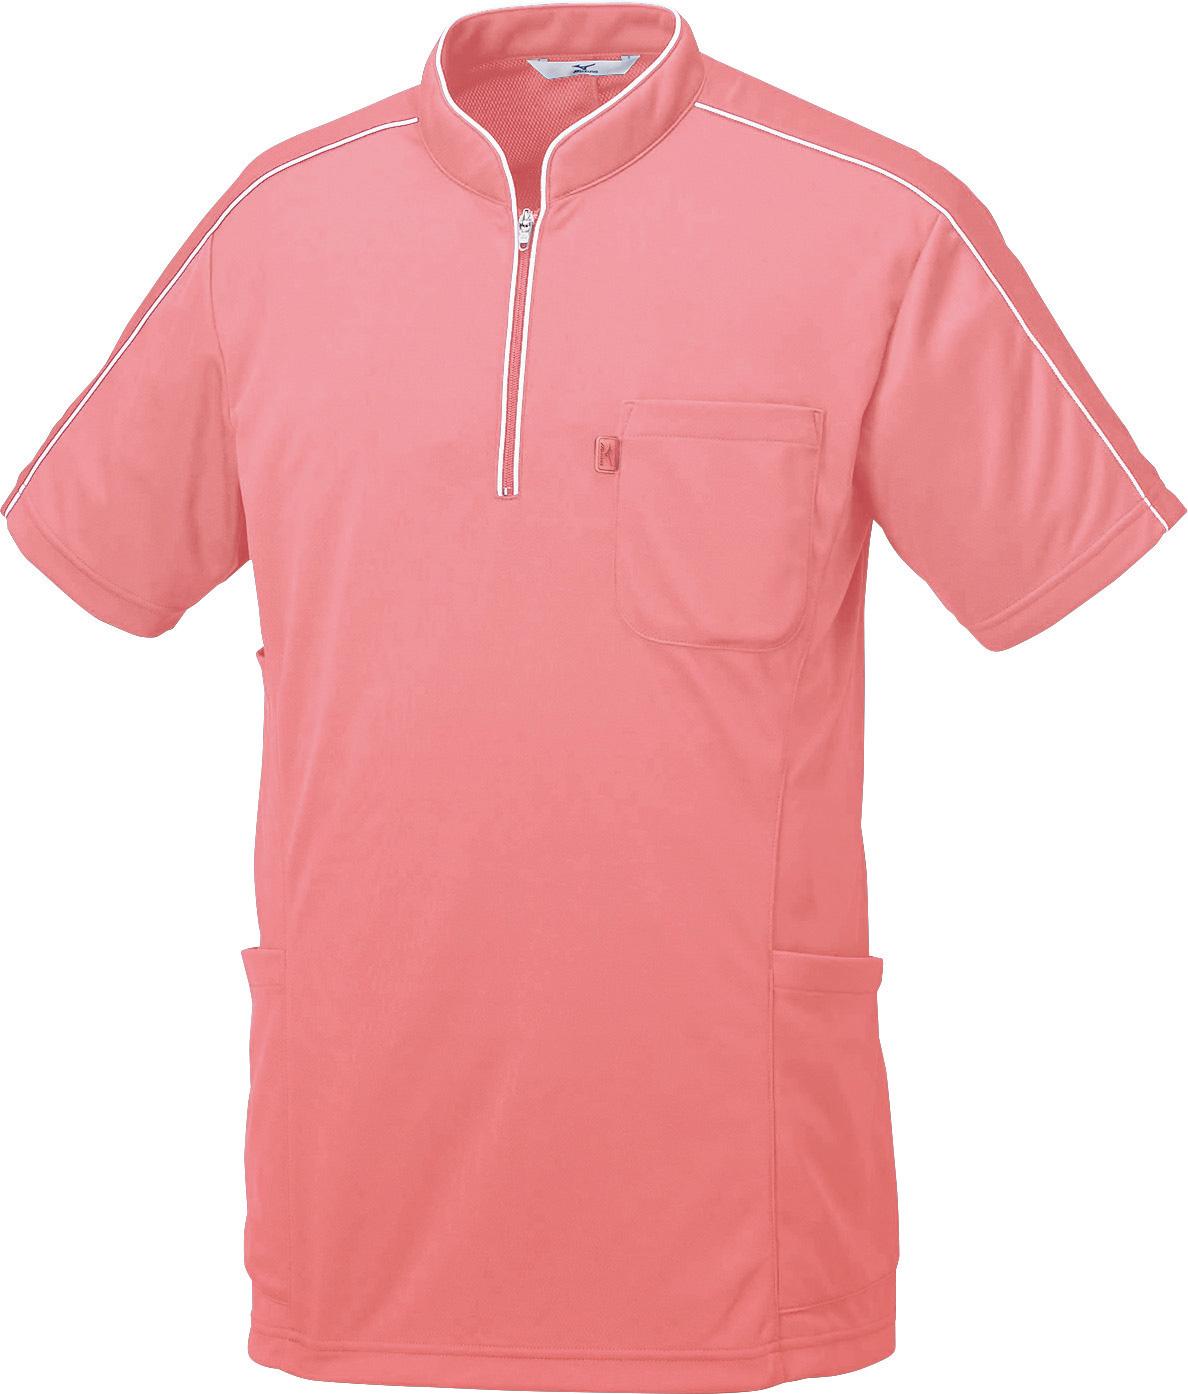 ミズノ ニットシャツ(男女兼用)販売。刺繍、プリント加工対応します。研修医、医療チームウェアに人気